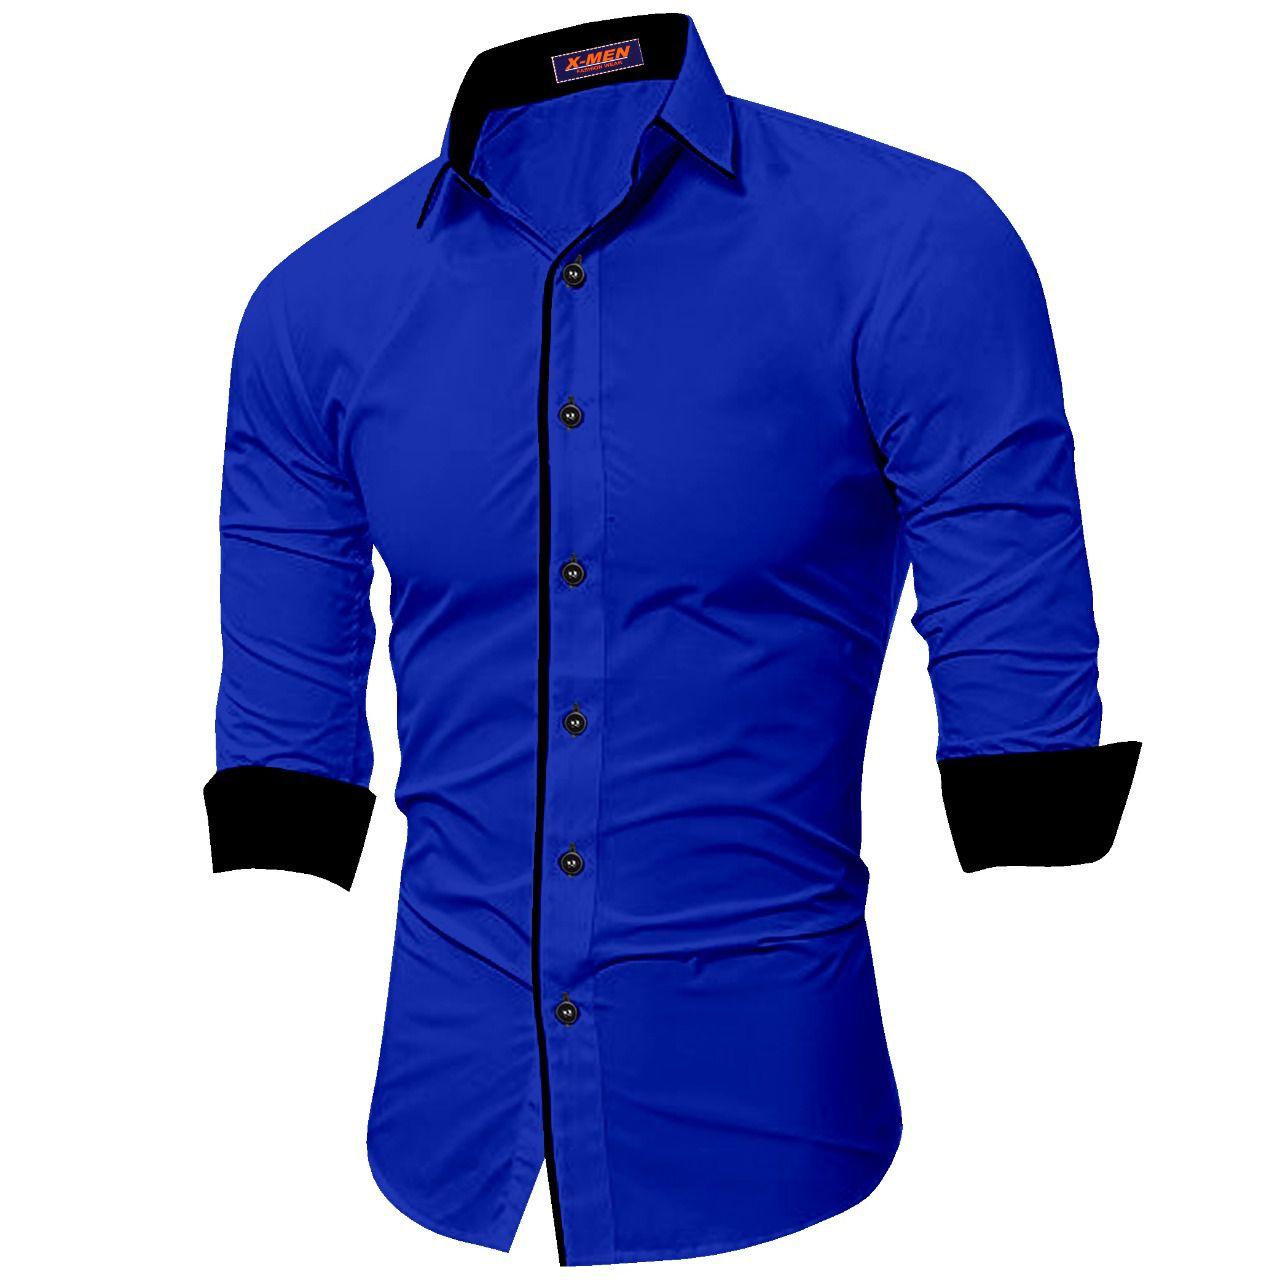 SUR-T 100 Percent Cotton Blue Solids Shirt